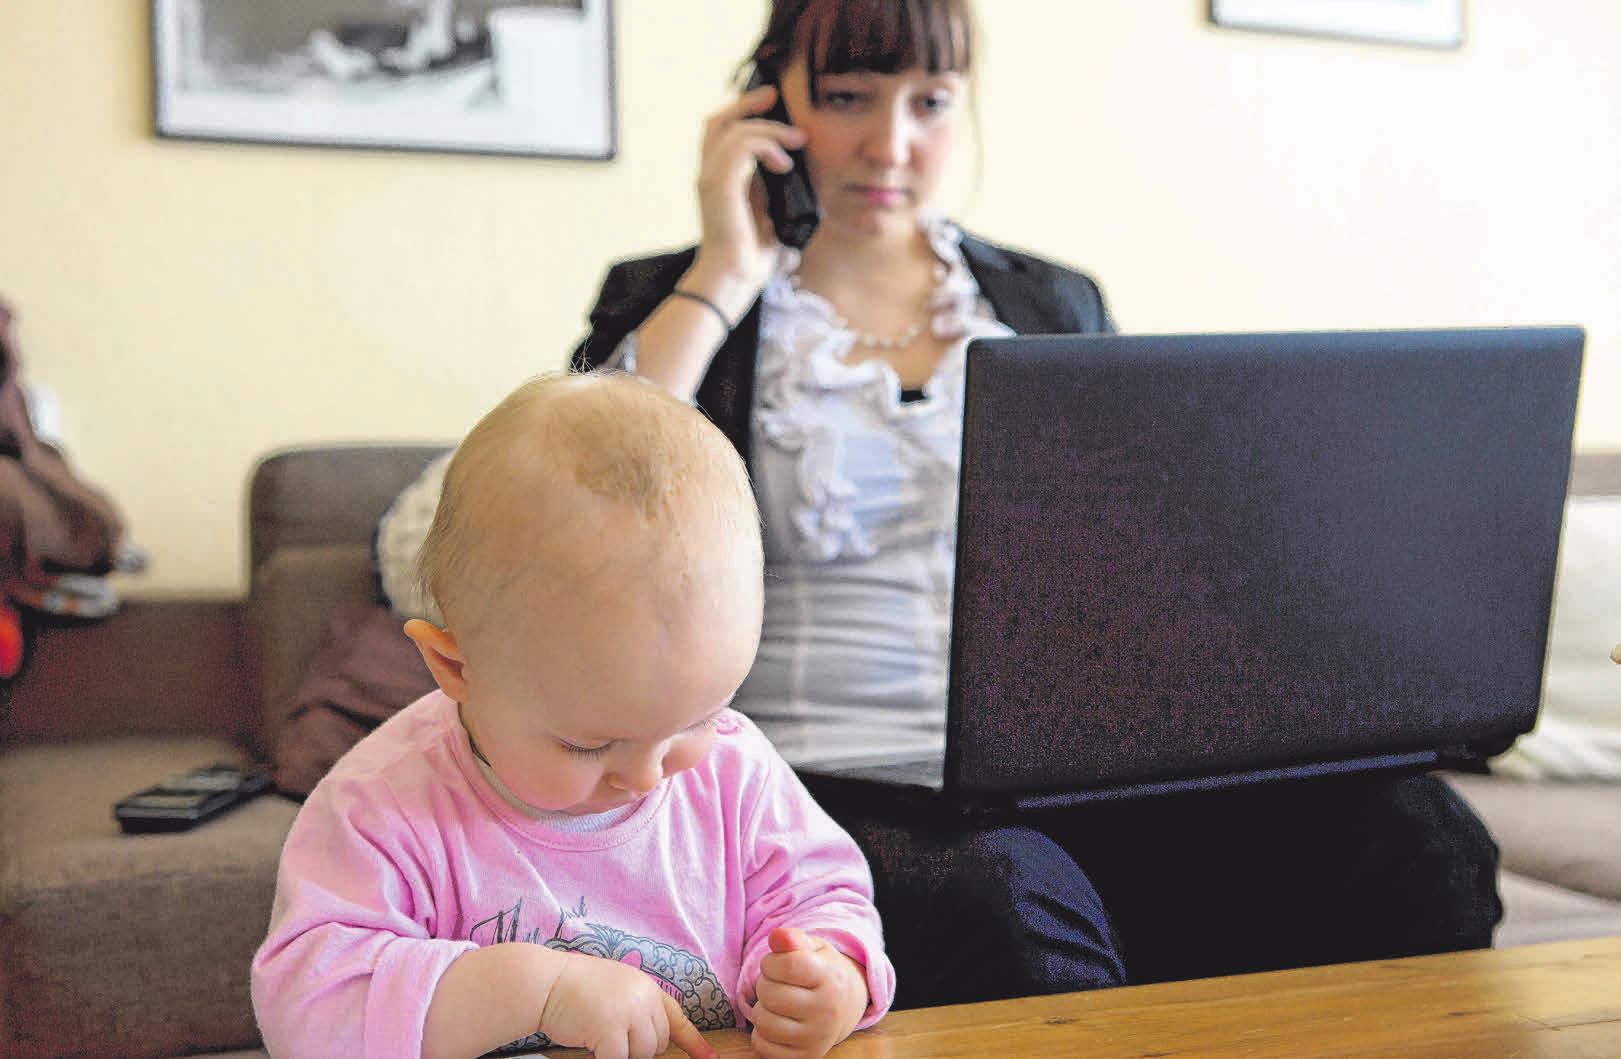 Um Kind und Lehre unter einen Hut zu bringen, kann eine Ausbildung mit reduzierter Stundenanzahl eine Möglichkeit sein. Foto: Silvia Marks/Archiv